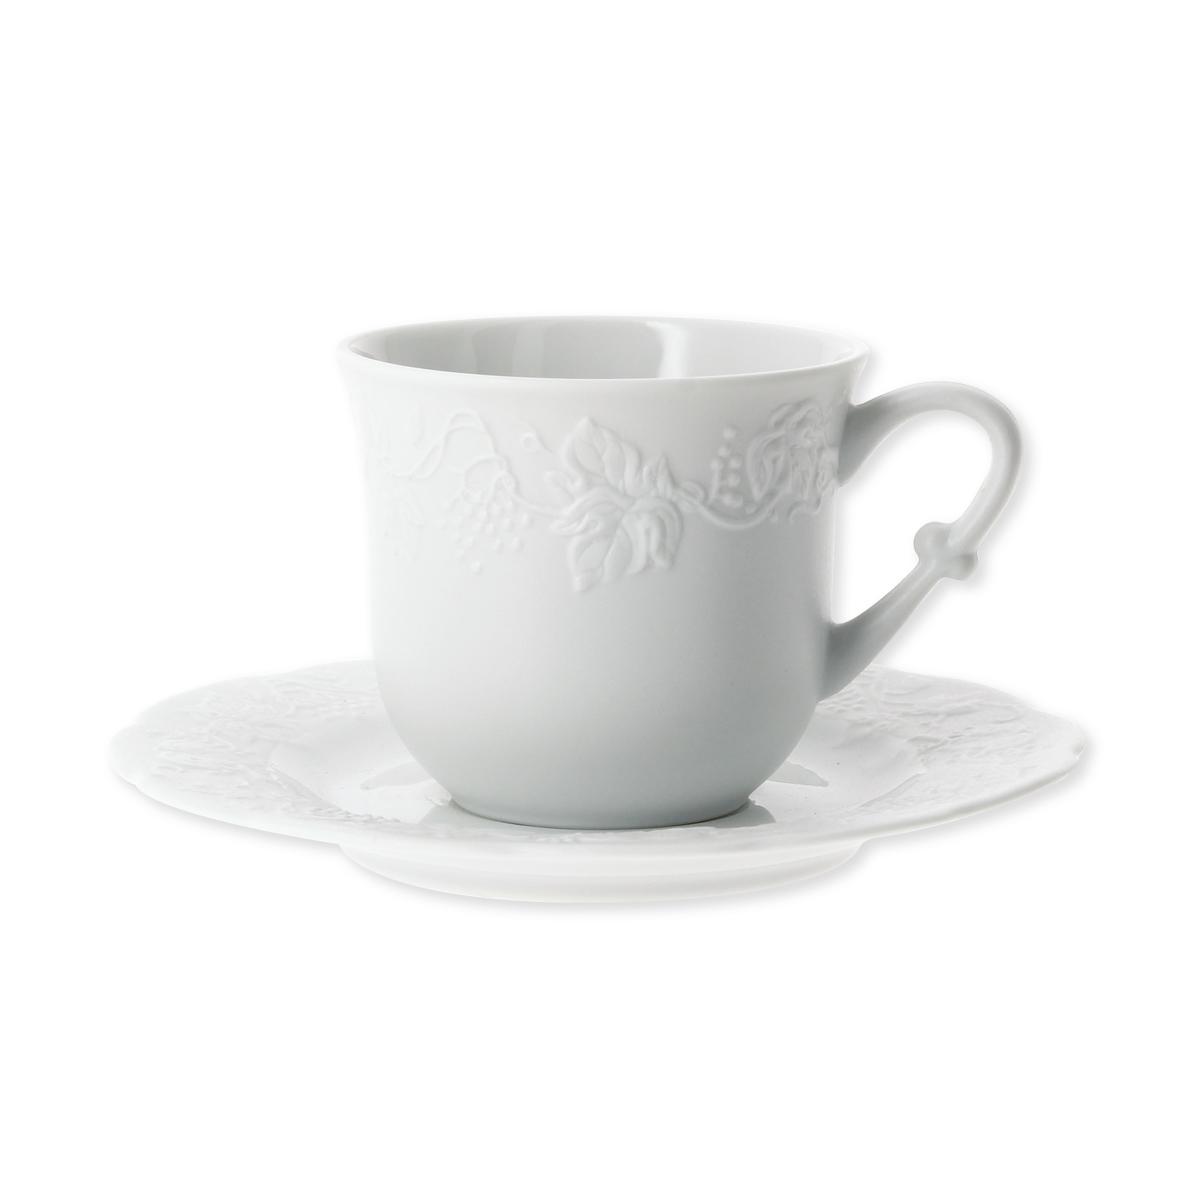 tasse th baroque en porcelaine vaisselle tendance bruno evrard. Black Bedroom Furniture Sets. Home Design Ideas